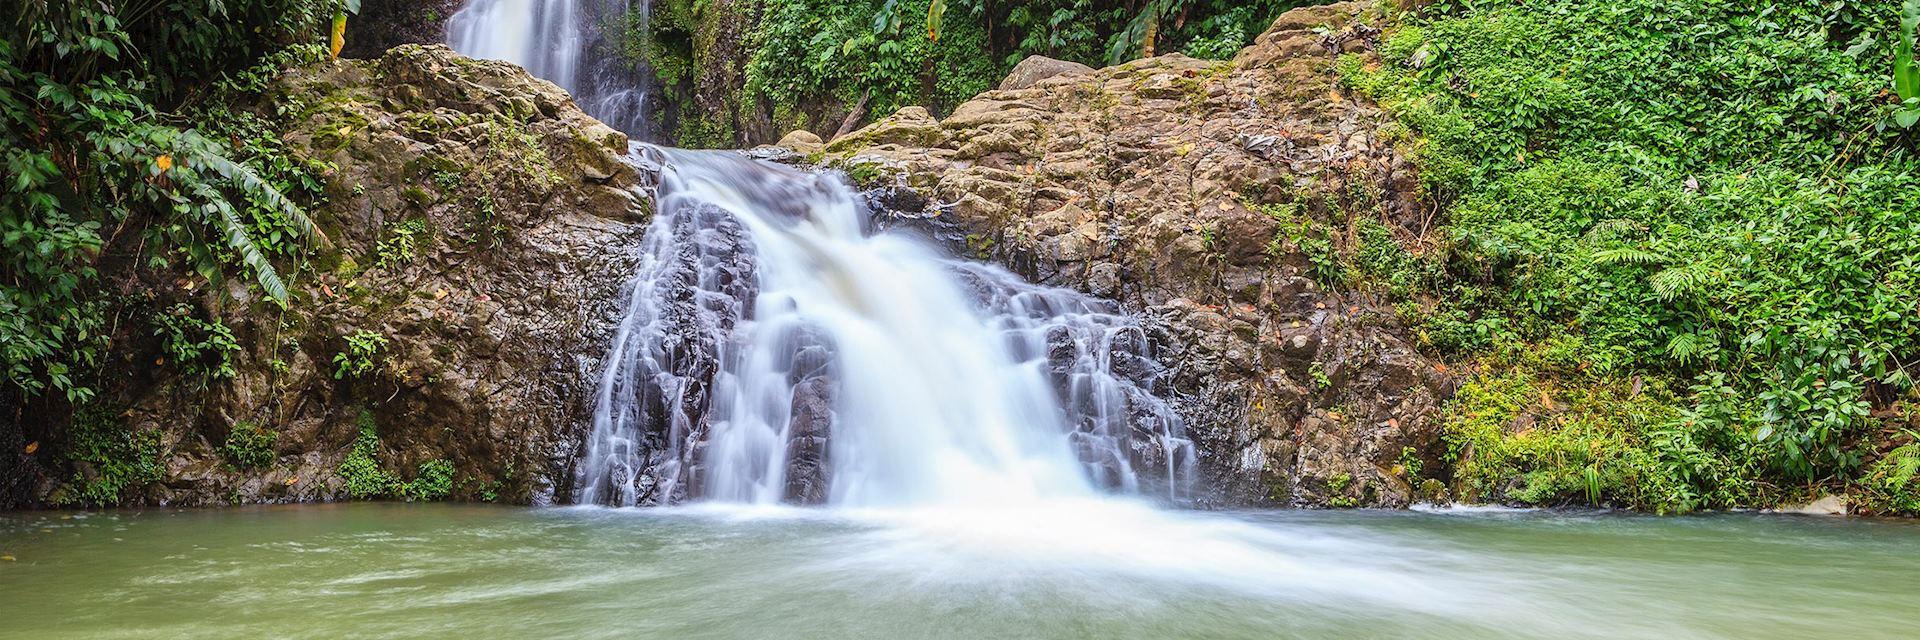 Seven Sisters Falls, Grenada